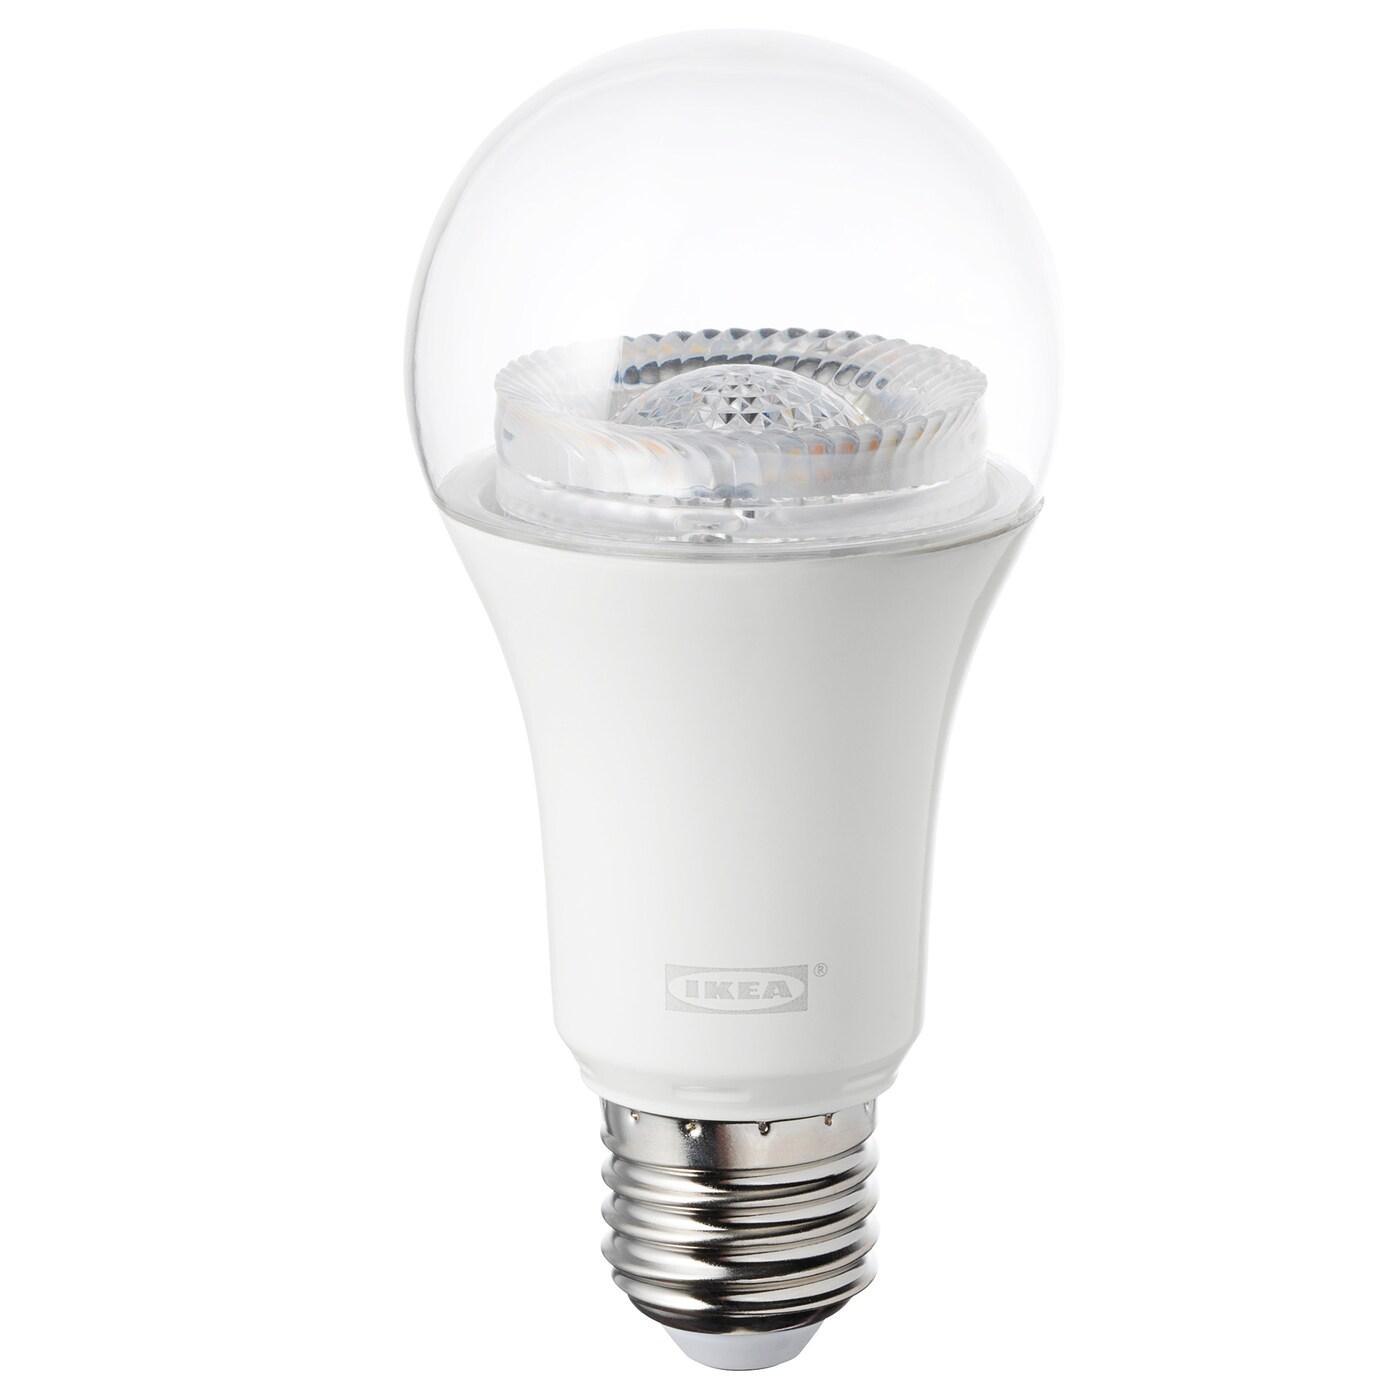 ampoule led et variateur perfect ampoule led ampoule led. Black Bedroom Furniture Sets. Home Design Ideas